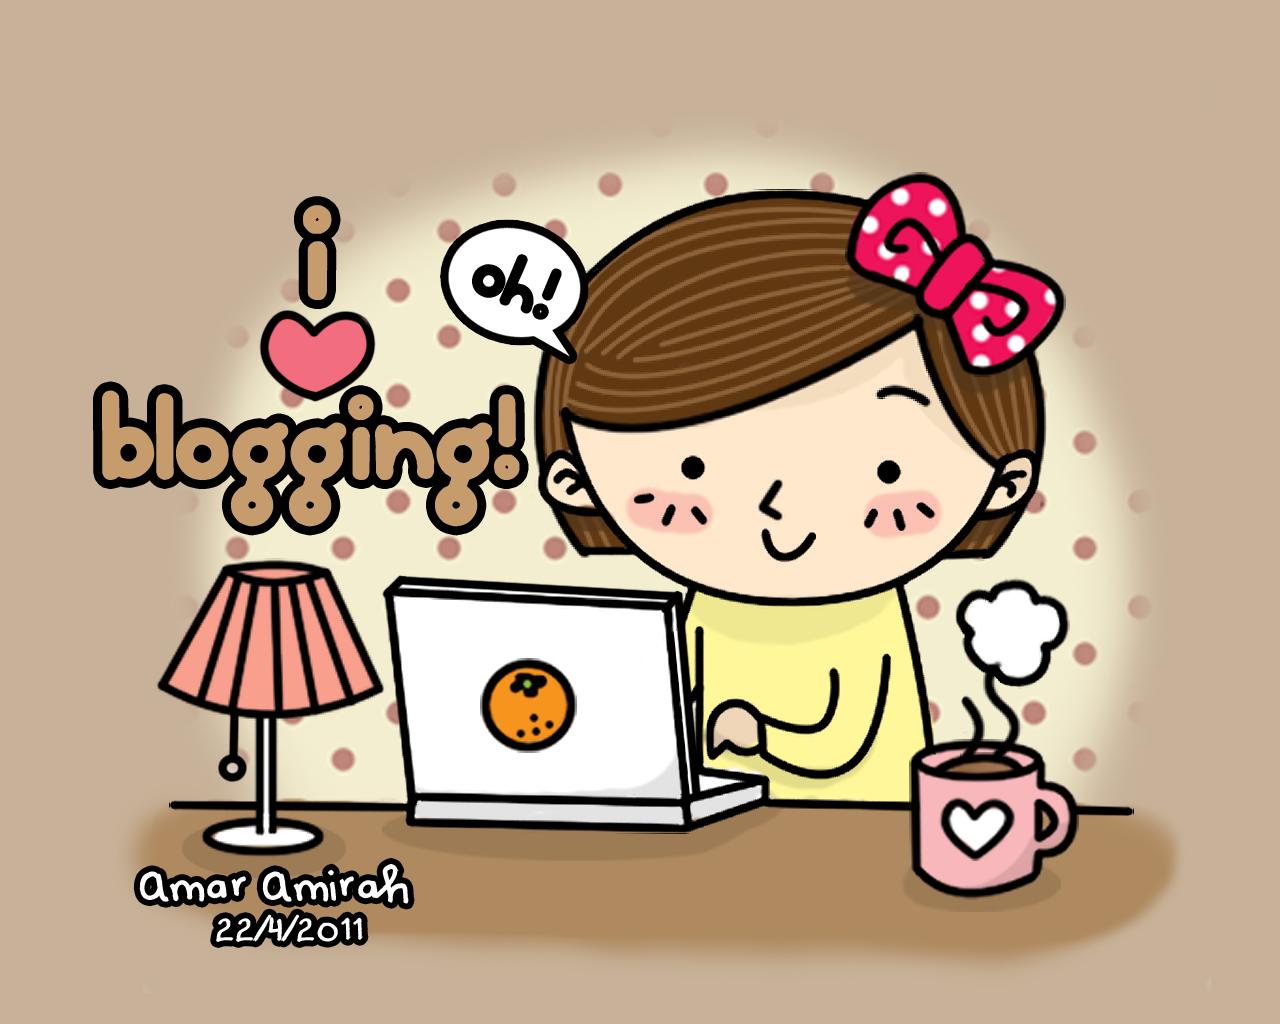 http://2.bp.blogspot.com/-nGVFJpnVH2o/TbFFD_F7wrI/AAAAAAAADIo/mM3bIsJQjOI/s1600/free%2Bcute%2Bi%2Blove%2Bblogging%2Bdesktop%2Bwallpaper.png